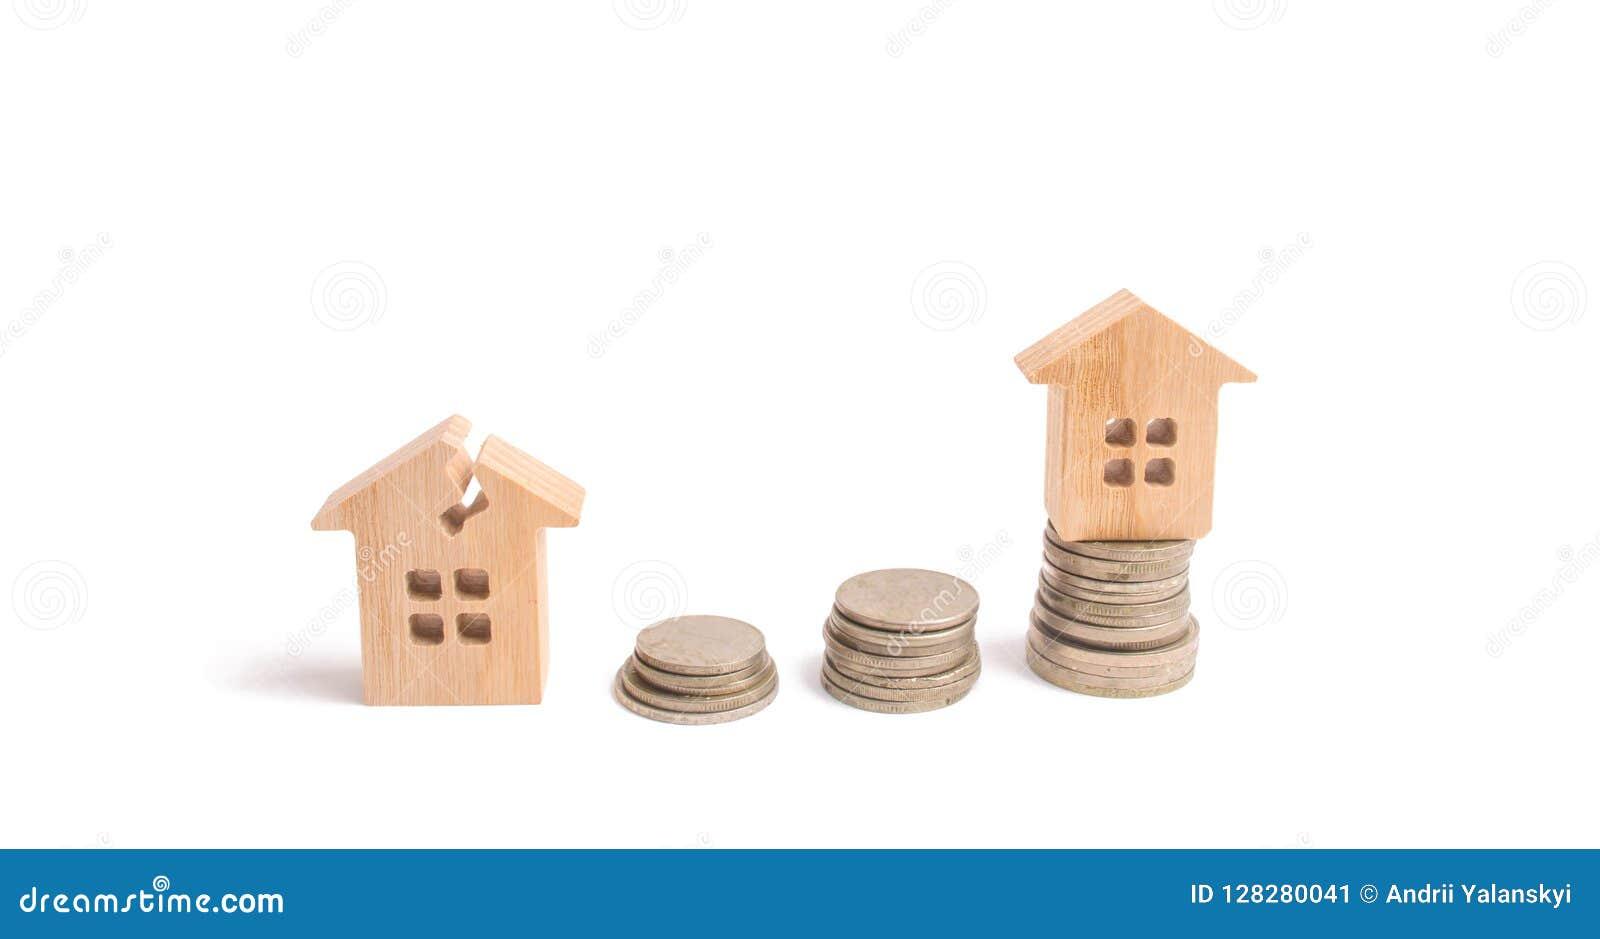 Ξύλινα σπίτια στους σωρούς των νομισμάτων Επένδυση στην επισκευή και την αποκατάσταση της κατοικίας εξέταση αύξηση χρημάτων